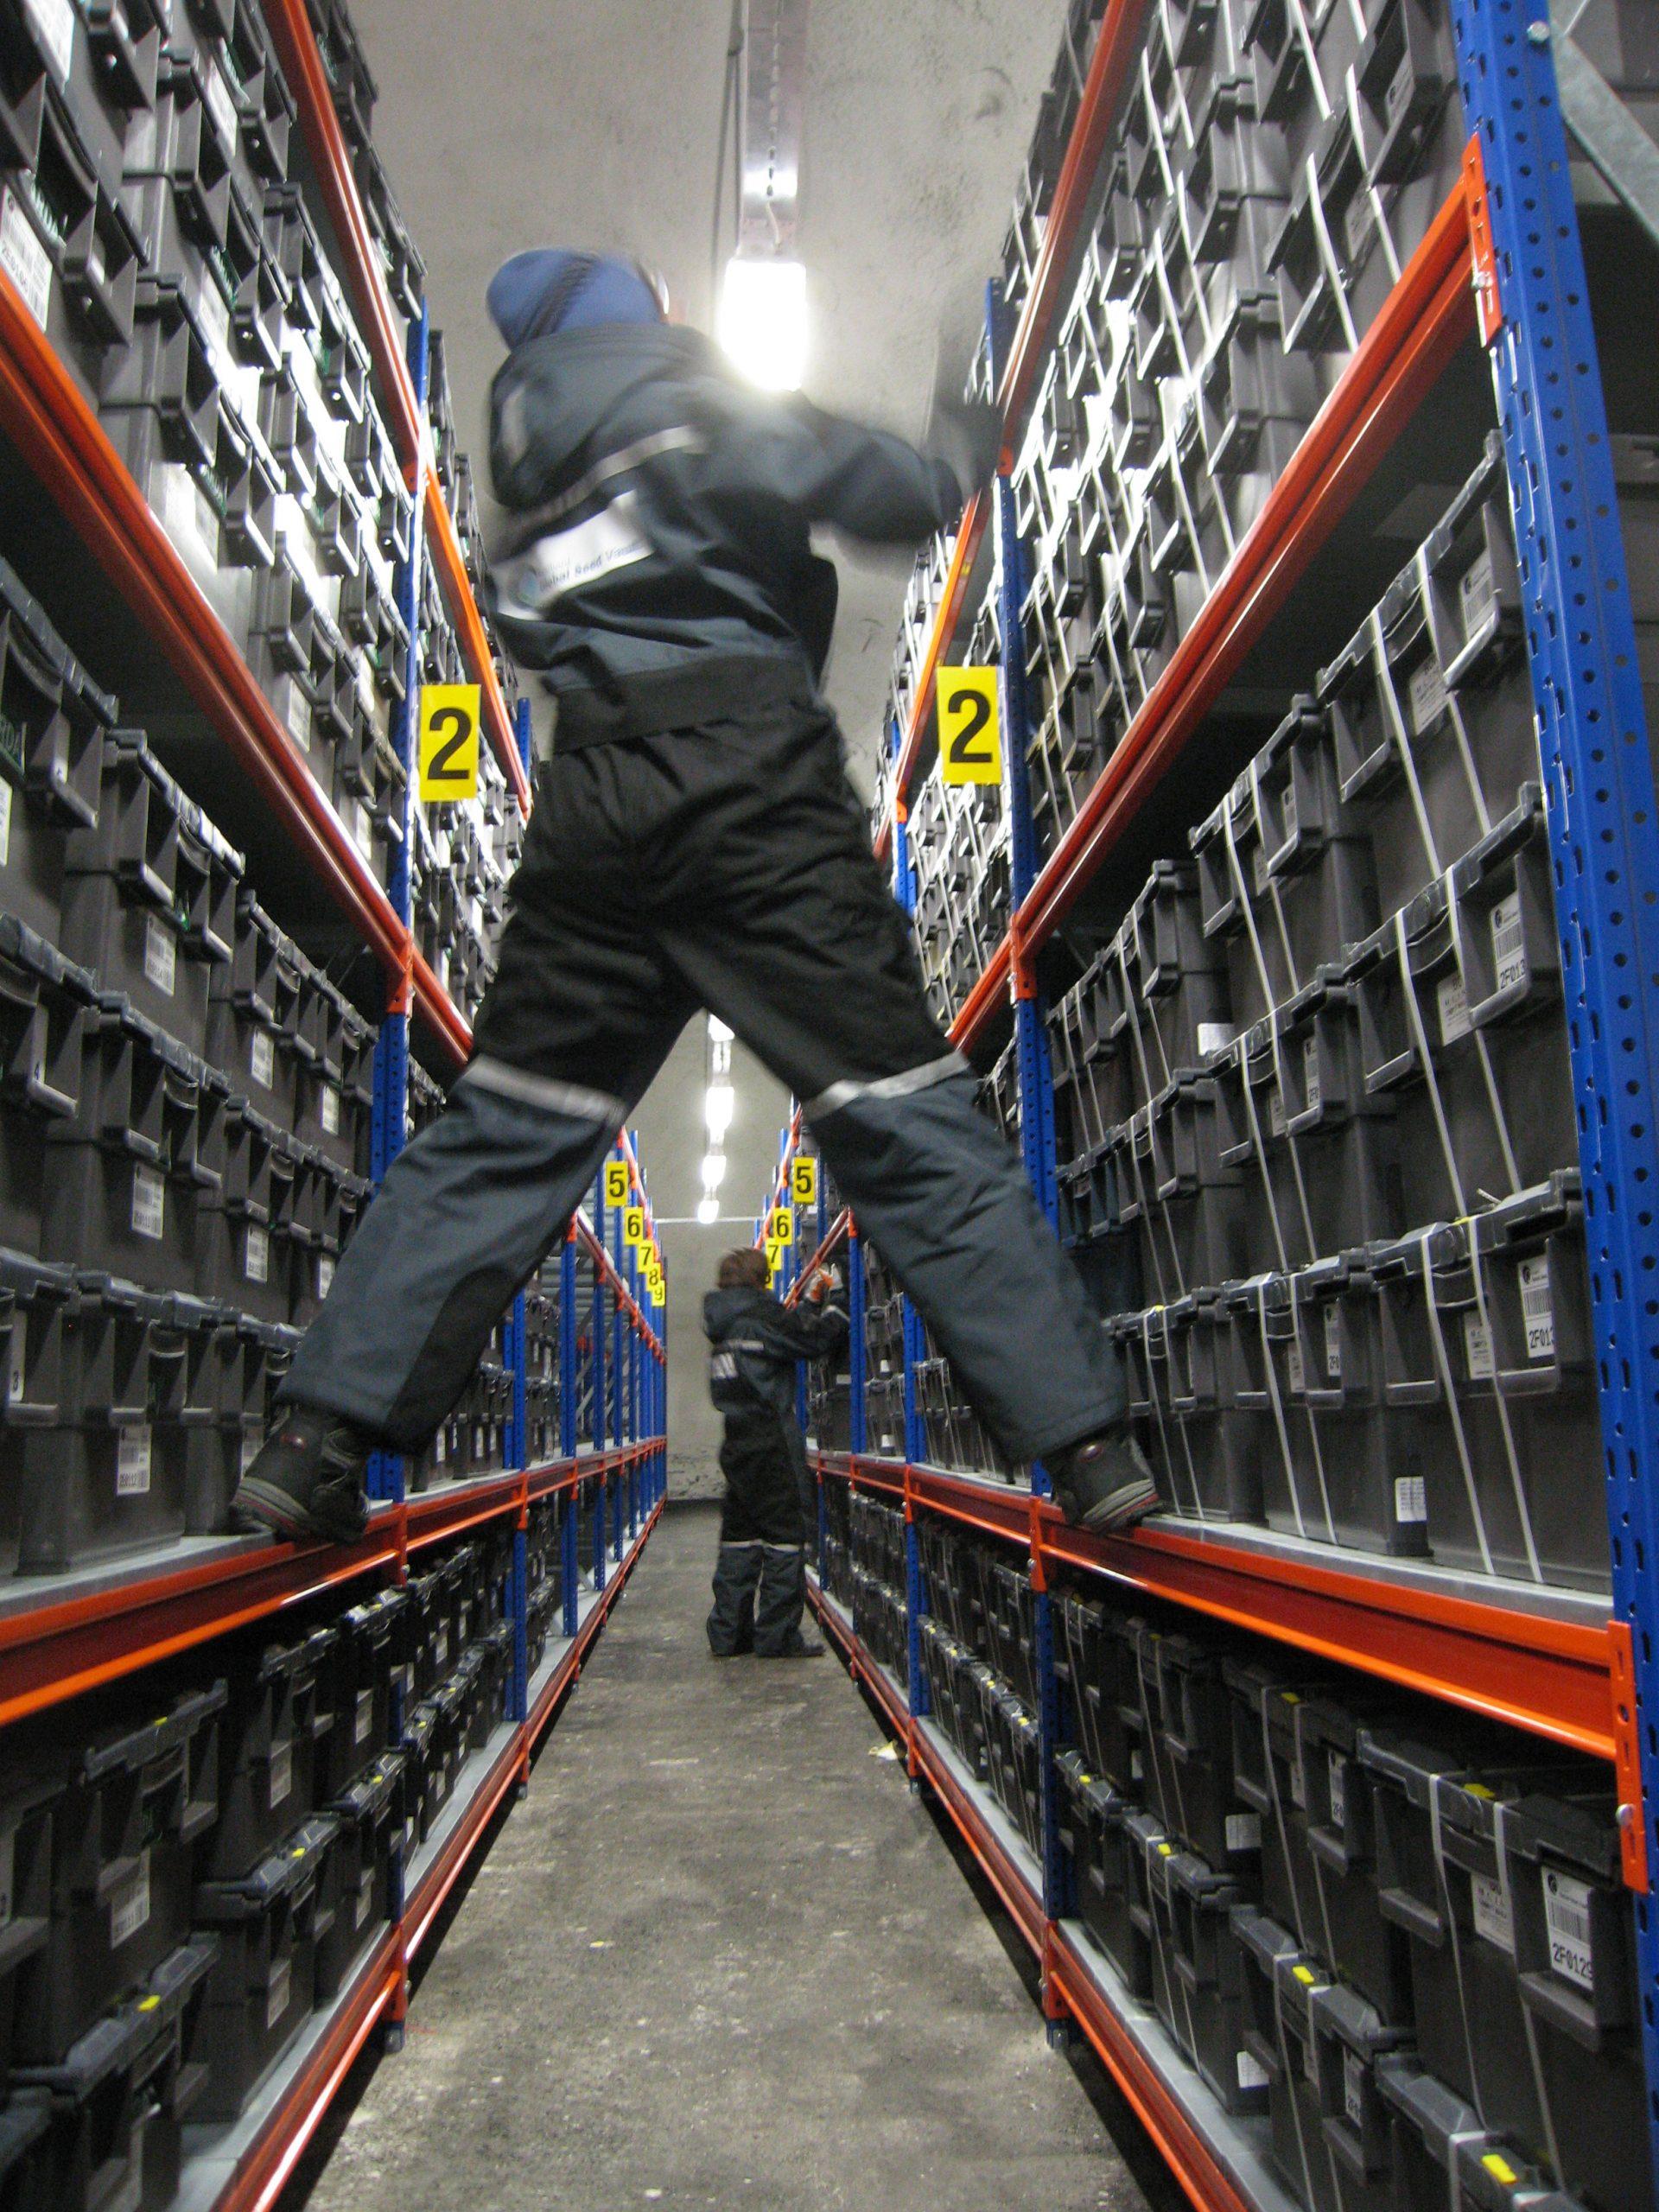 Man arranging black boxes on shelves in Svalbard vault